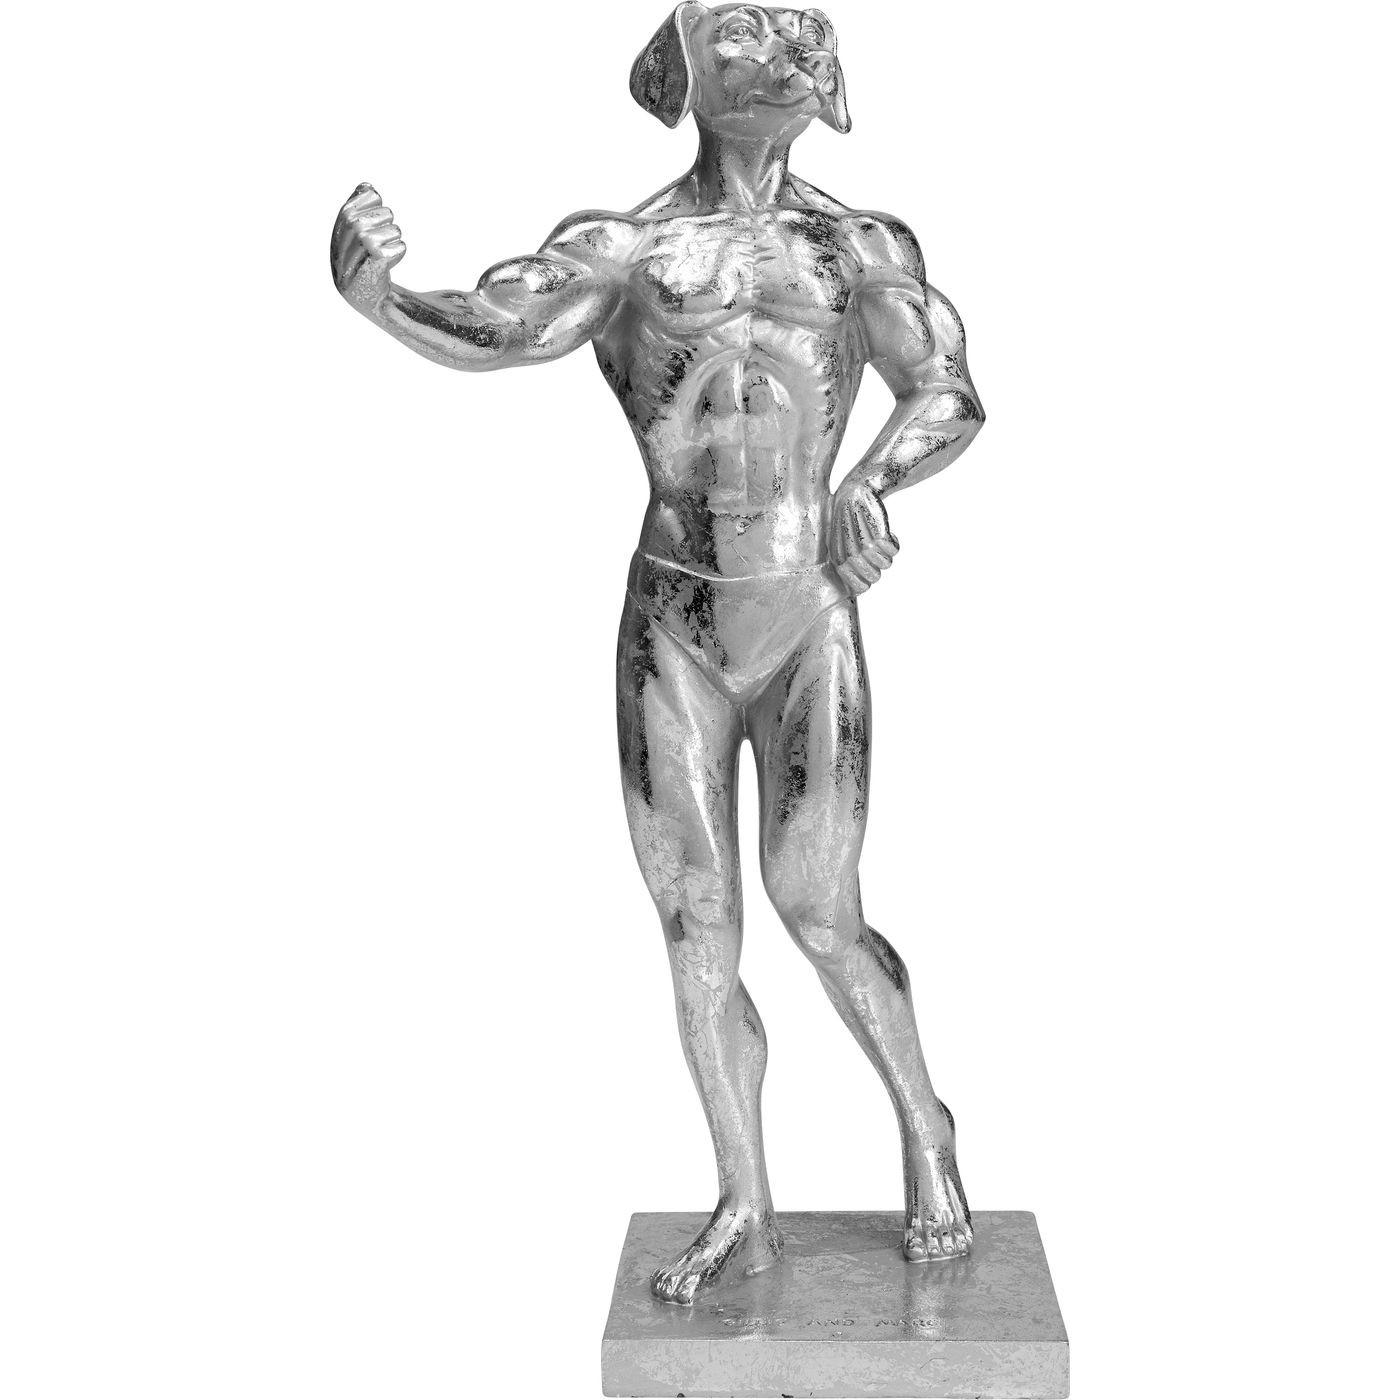 Statuette chien musclé en polyrésine argentée